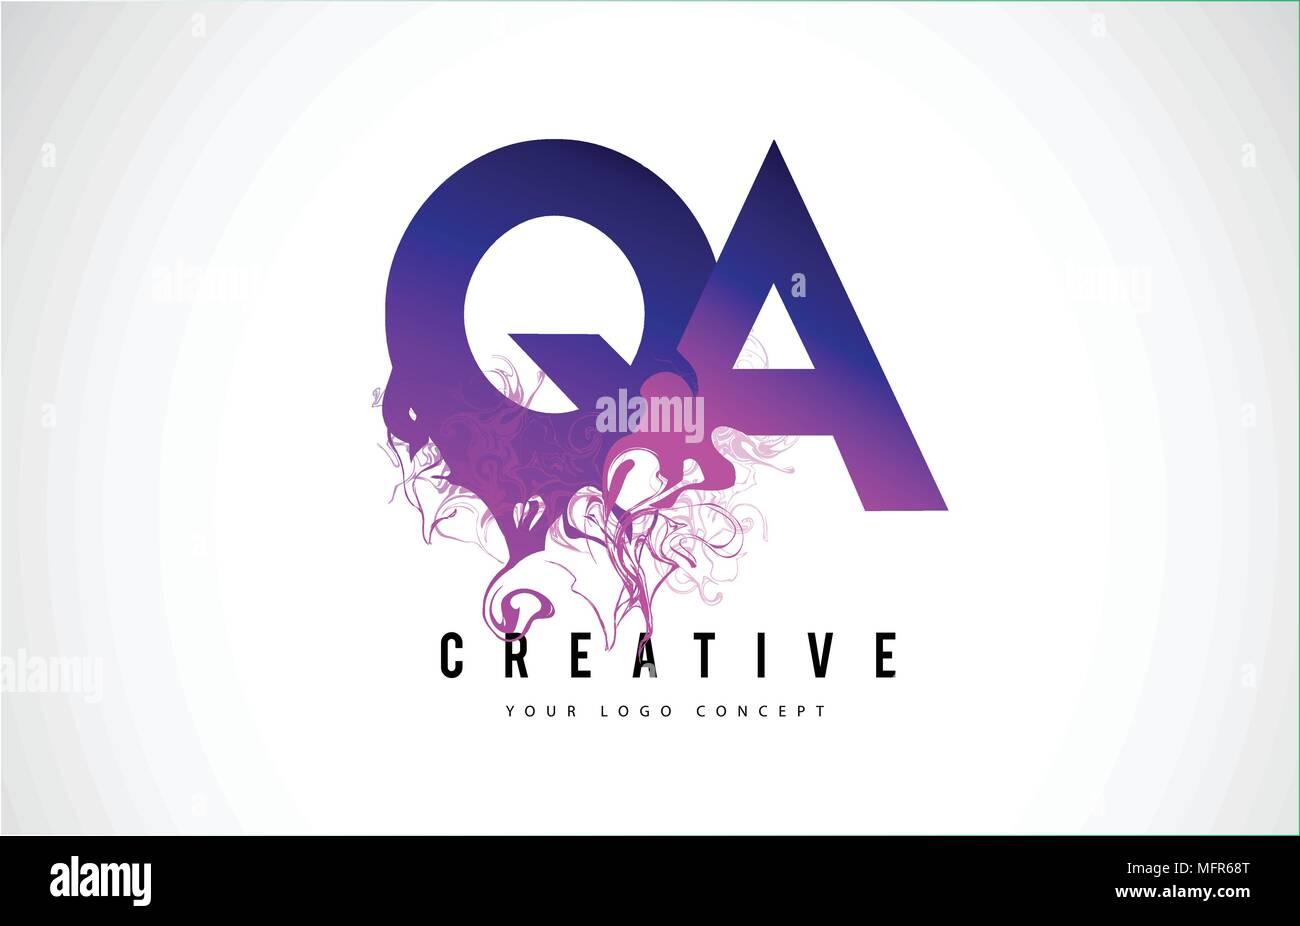 qa q'une lettre violet logo design créatif avec effet liquide vector